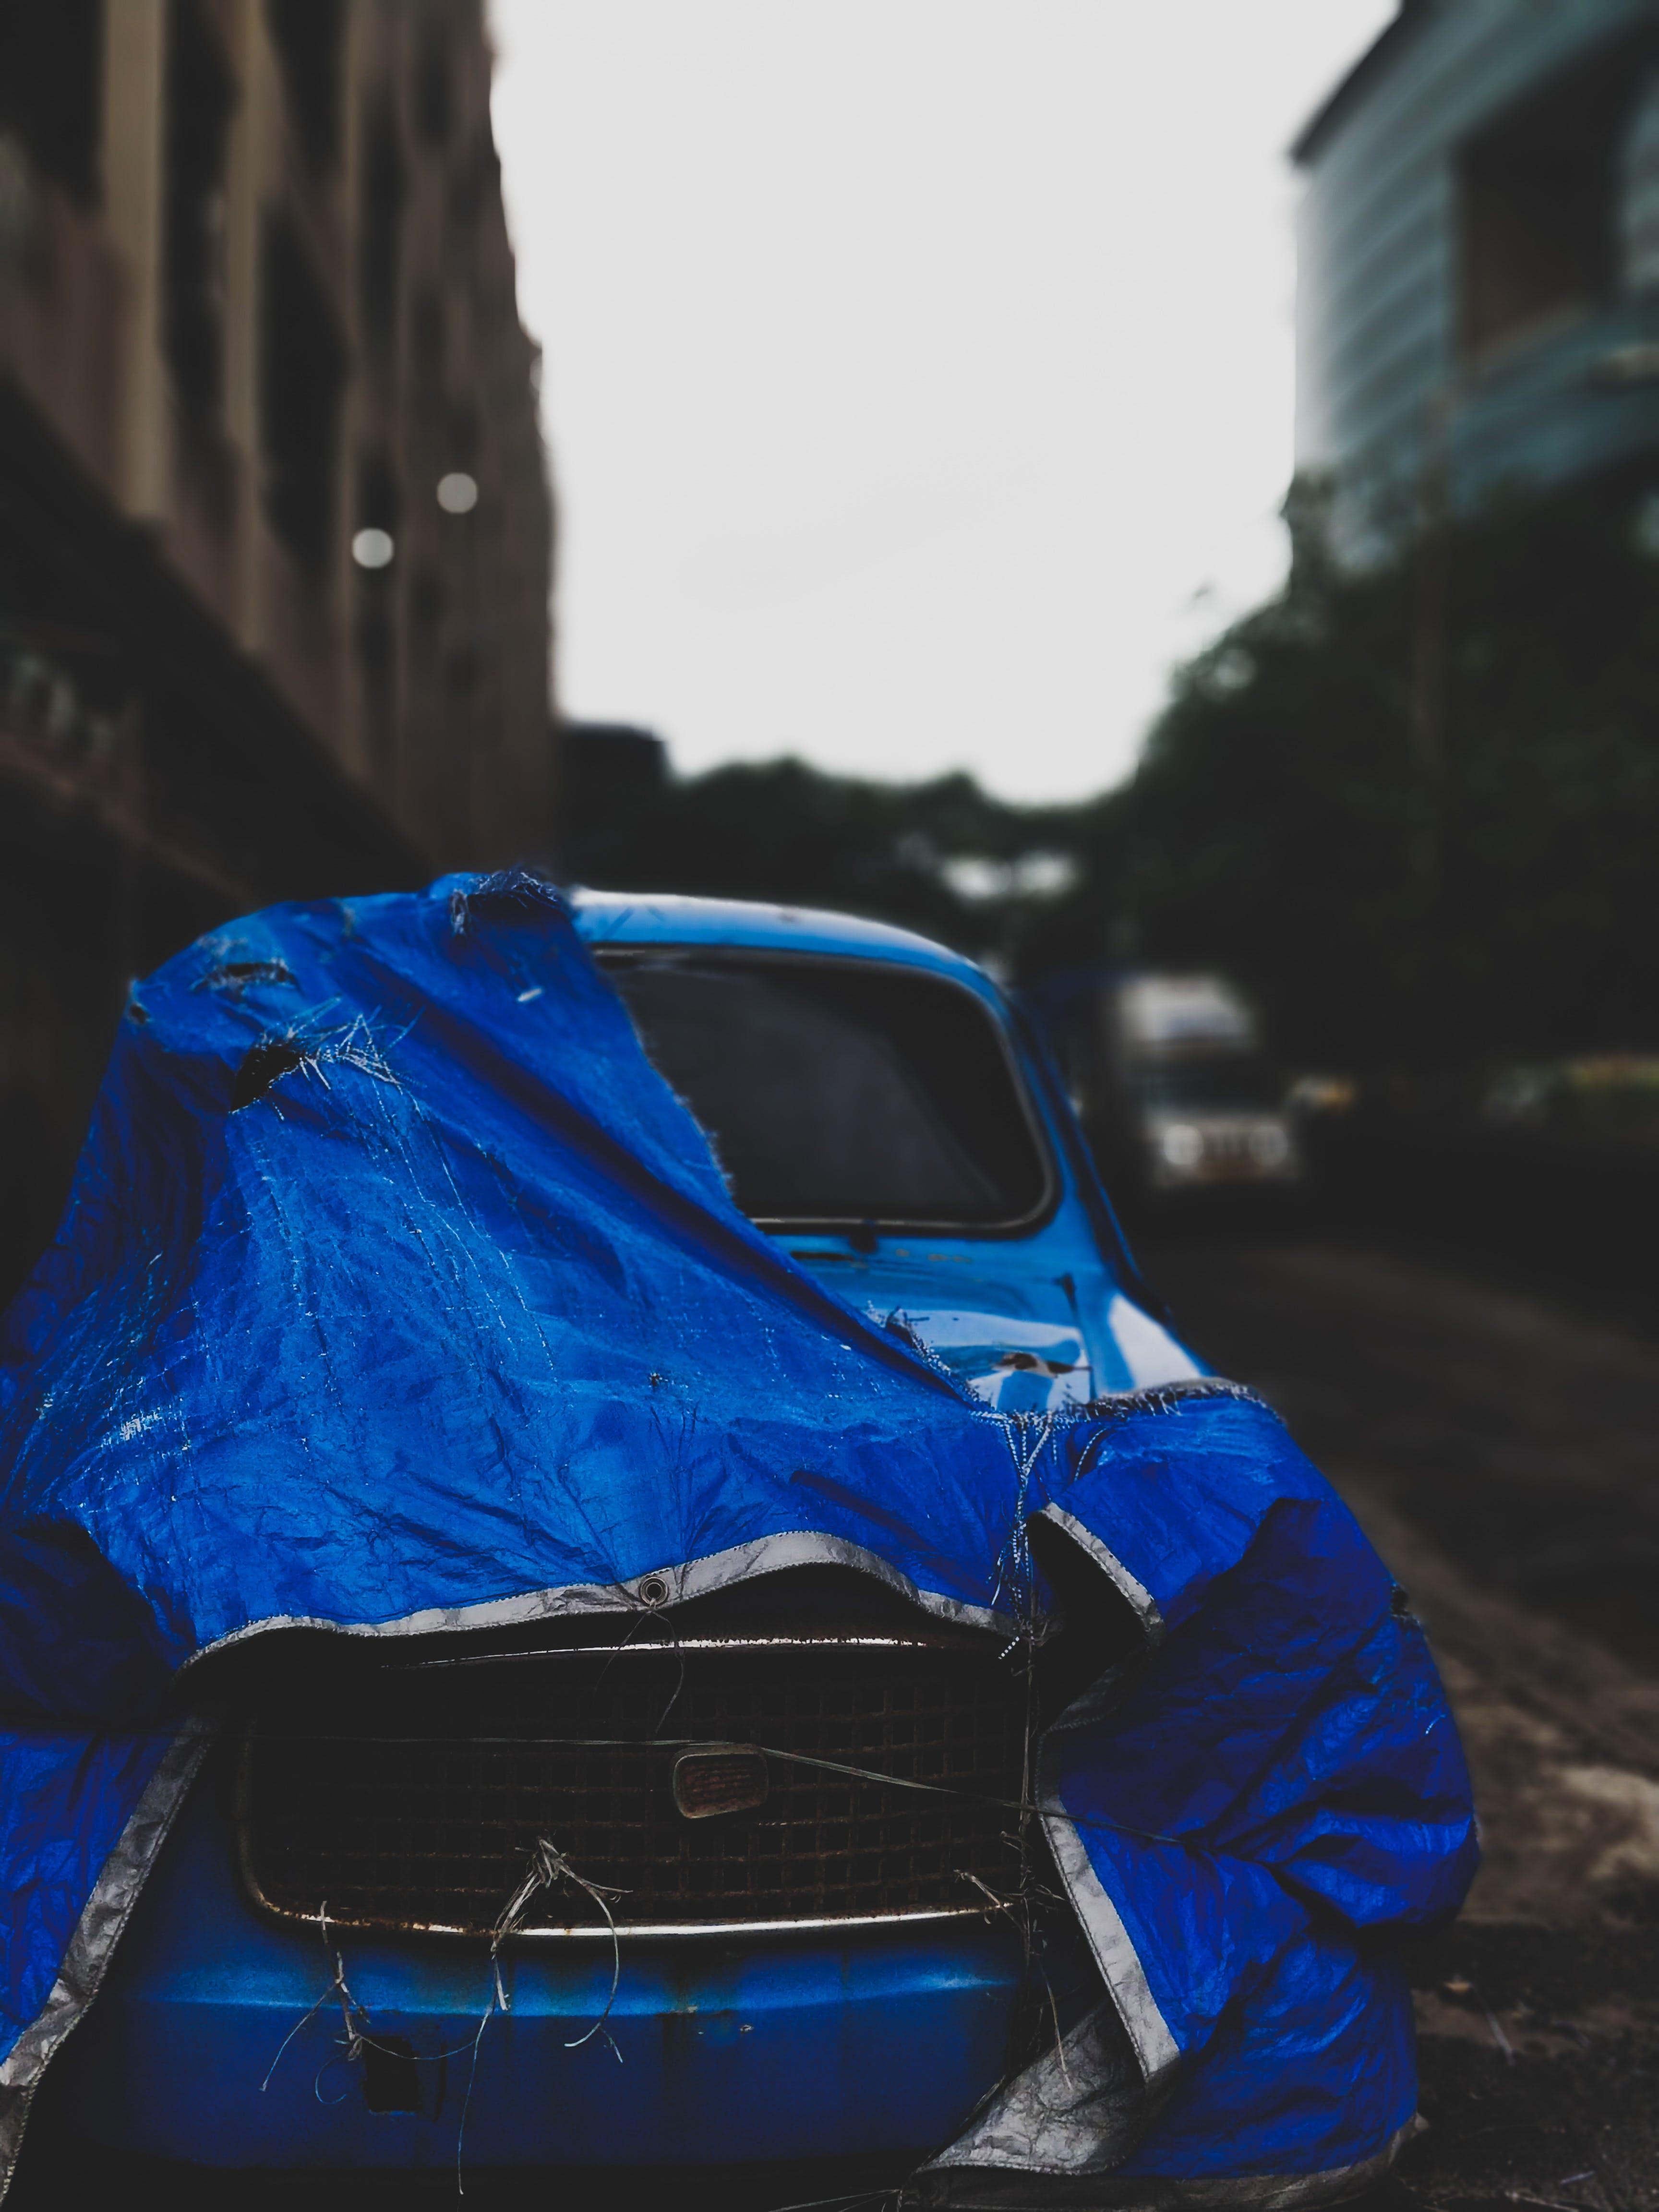 Δωρεάν στοκ φωτογραφιών με vintage, αυτοκίνηση, αυτοκίνητο, δρόμος